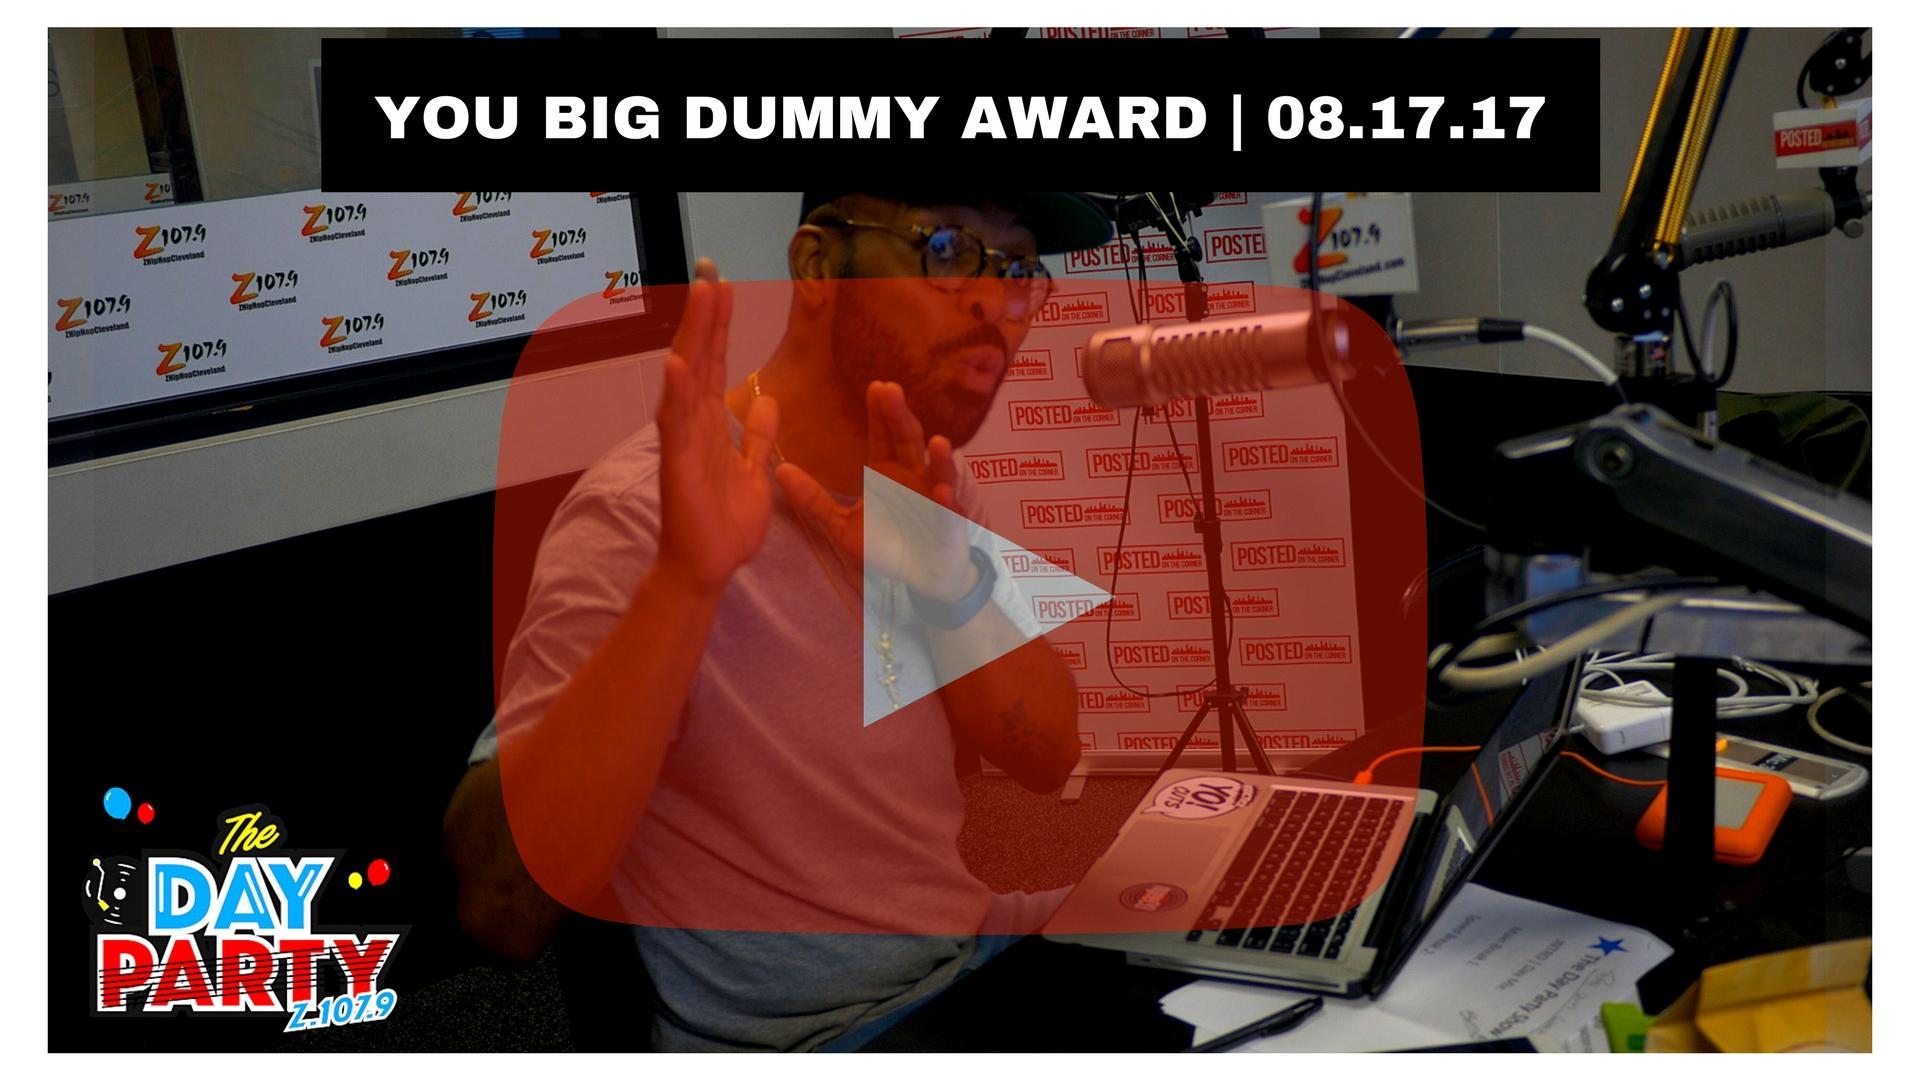 YOU BIG DUMMY AWARD - 08.17.17 (2).jpg